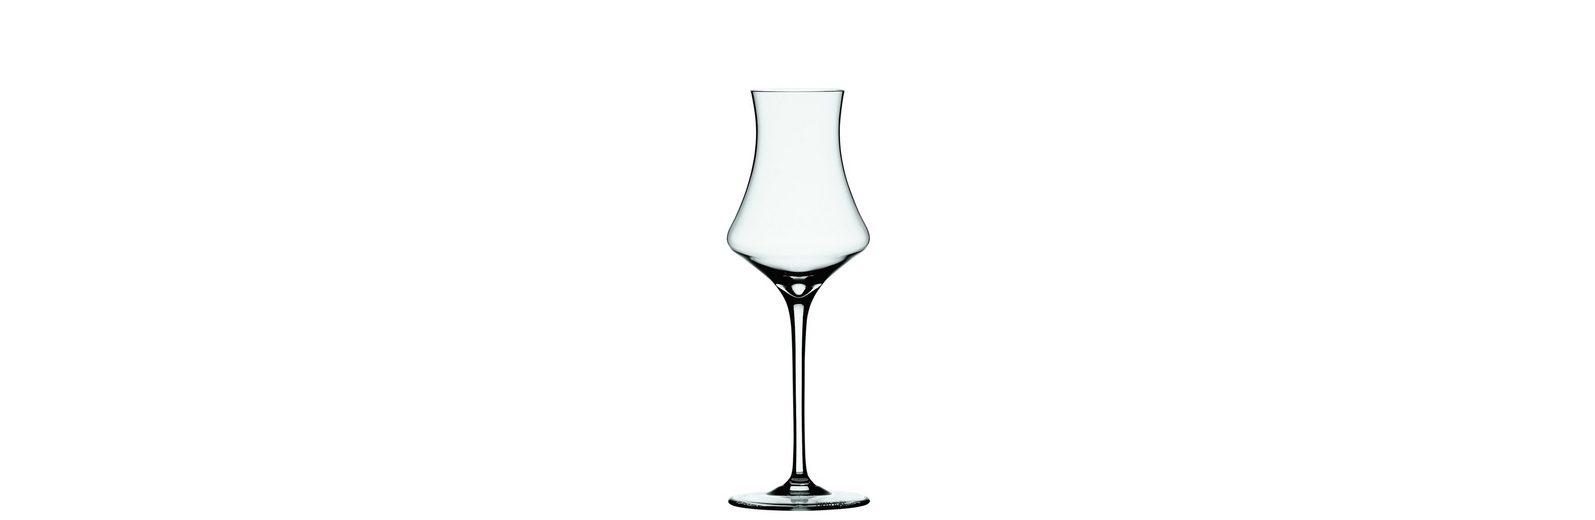 Spiegelau Grappa - Glas »Willsberger Collection«